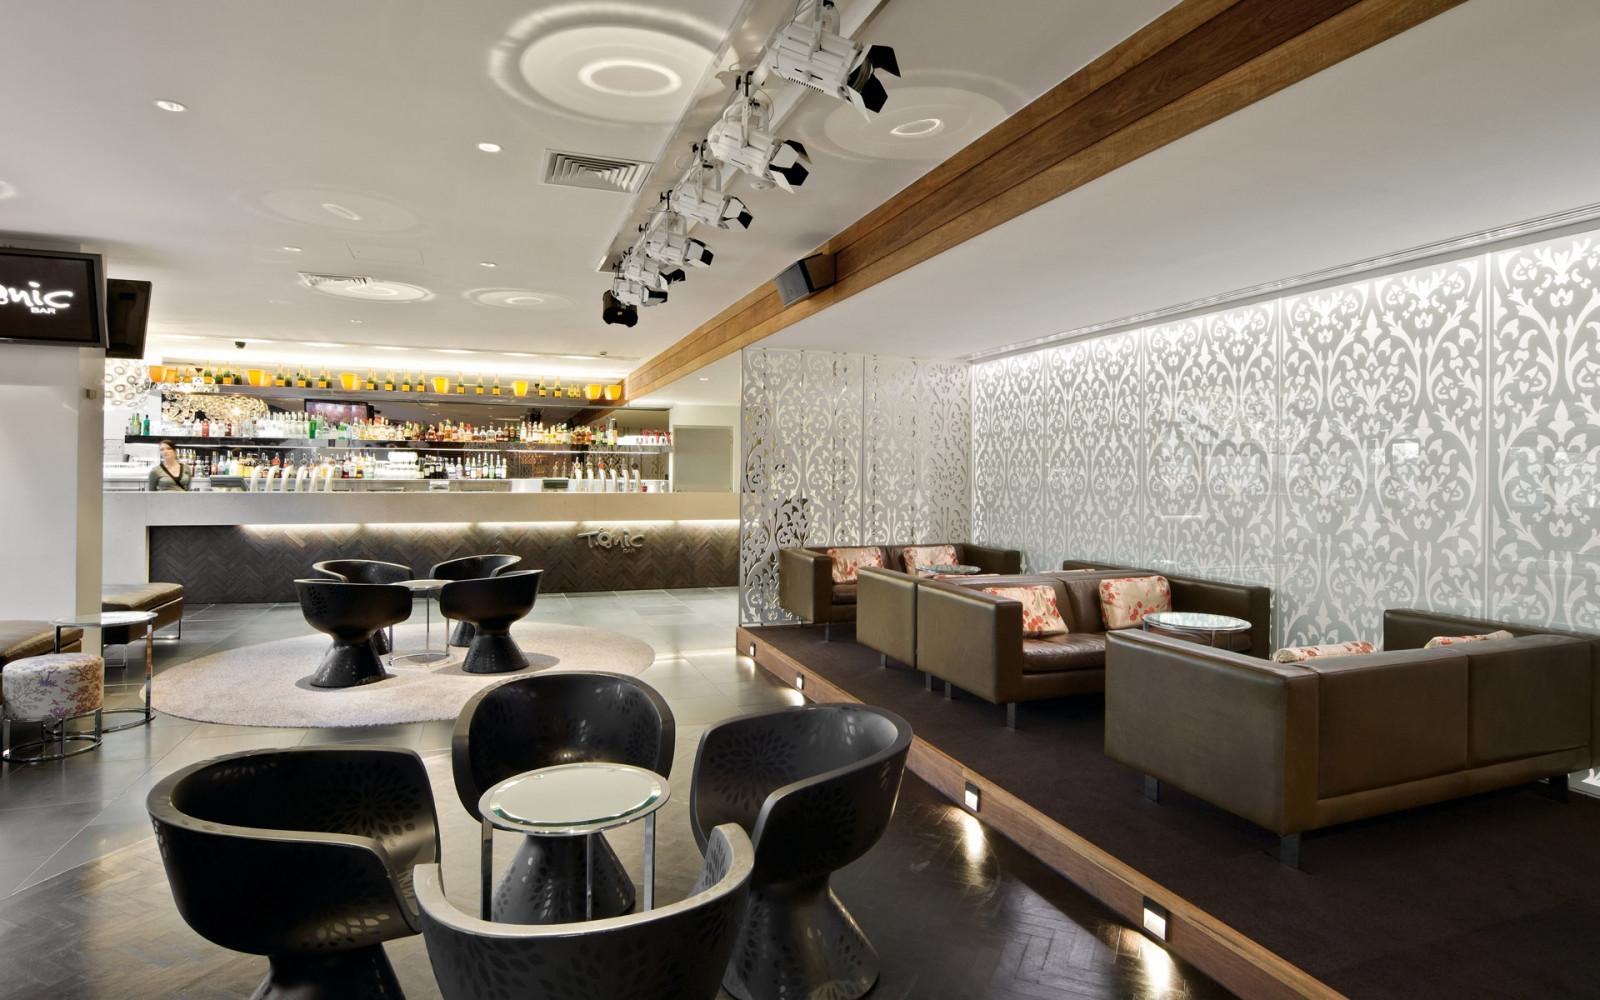 fond d 39 cran chambre bar restaurant design d 39 int rieur bureau biens les tables canap. Black Bedroom Furniture Sets. Home Design Ideas